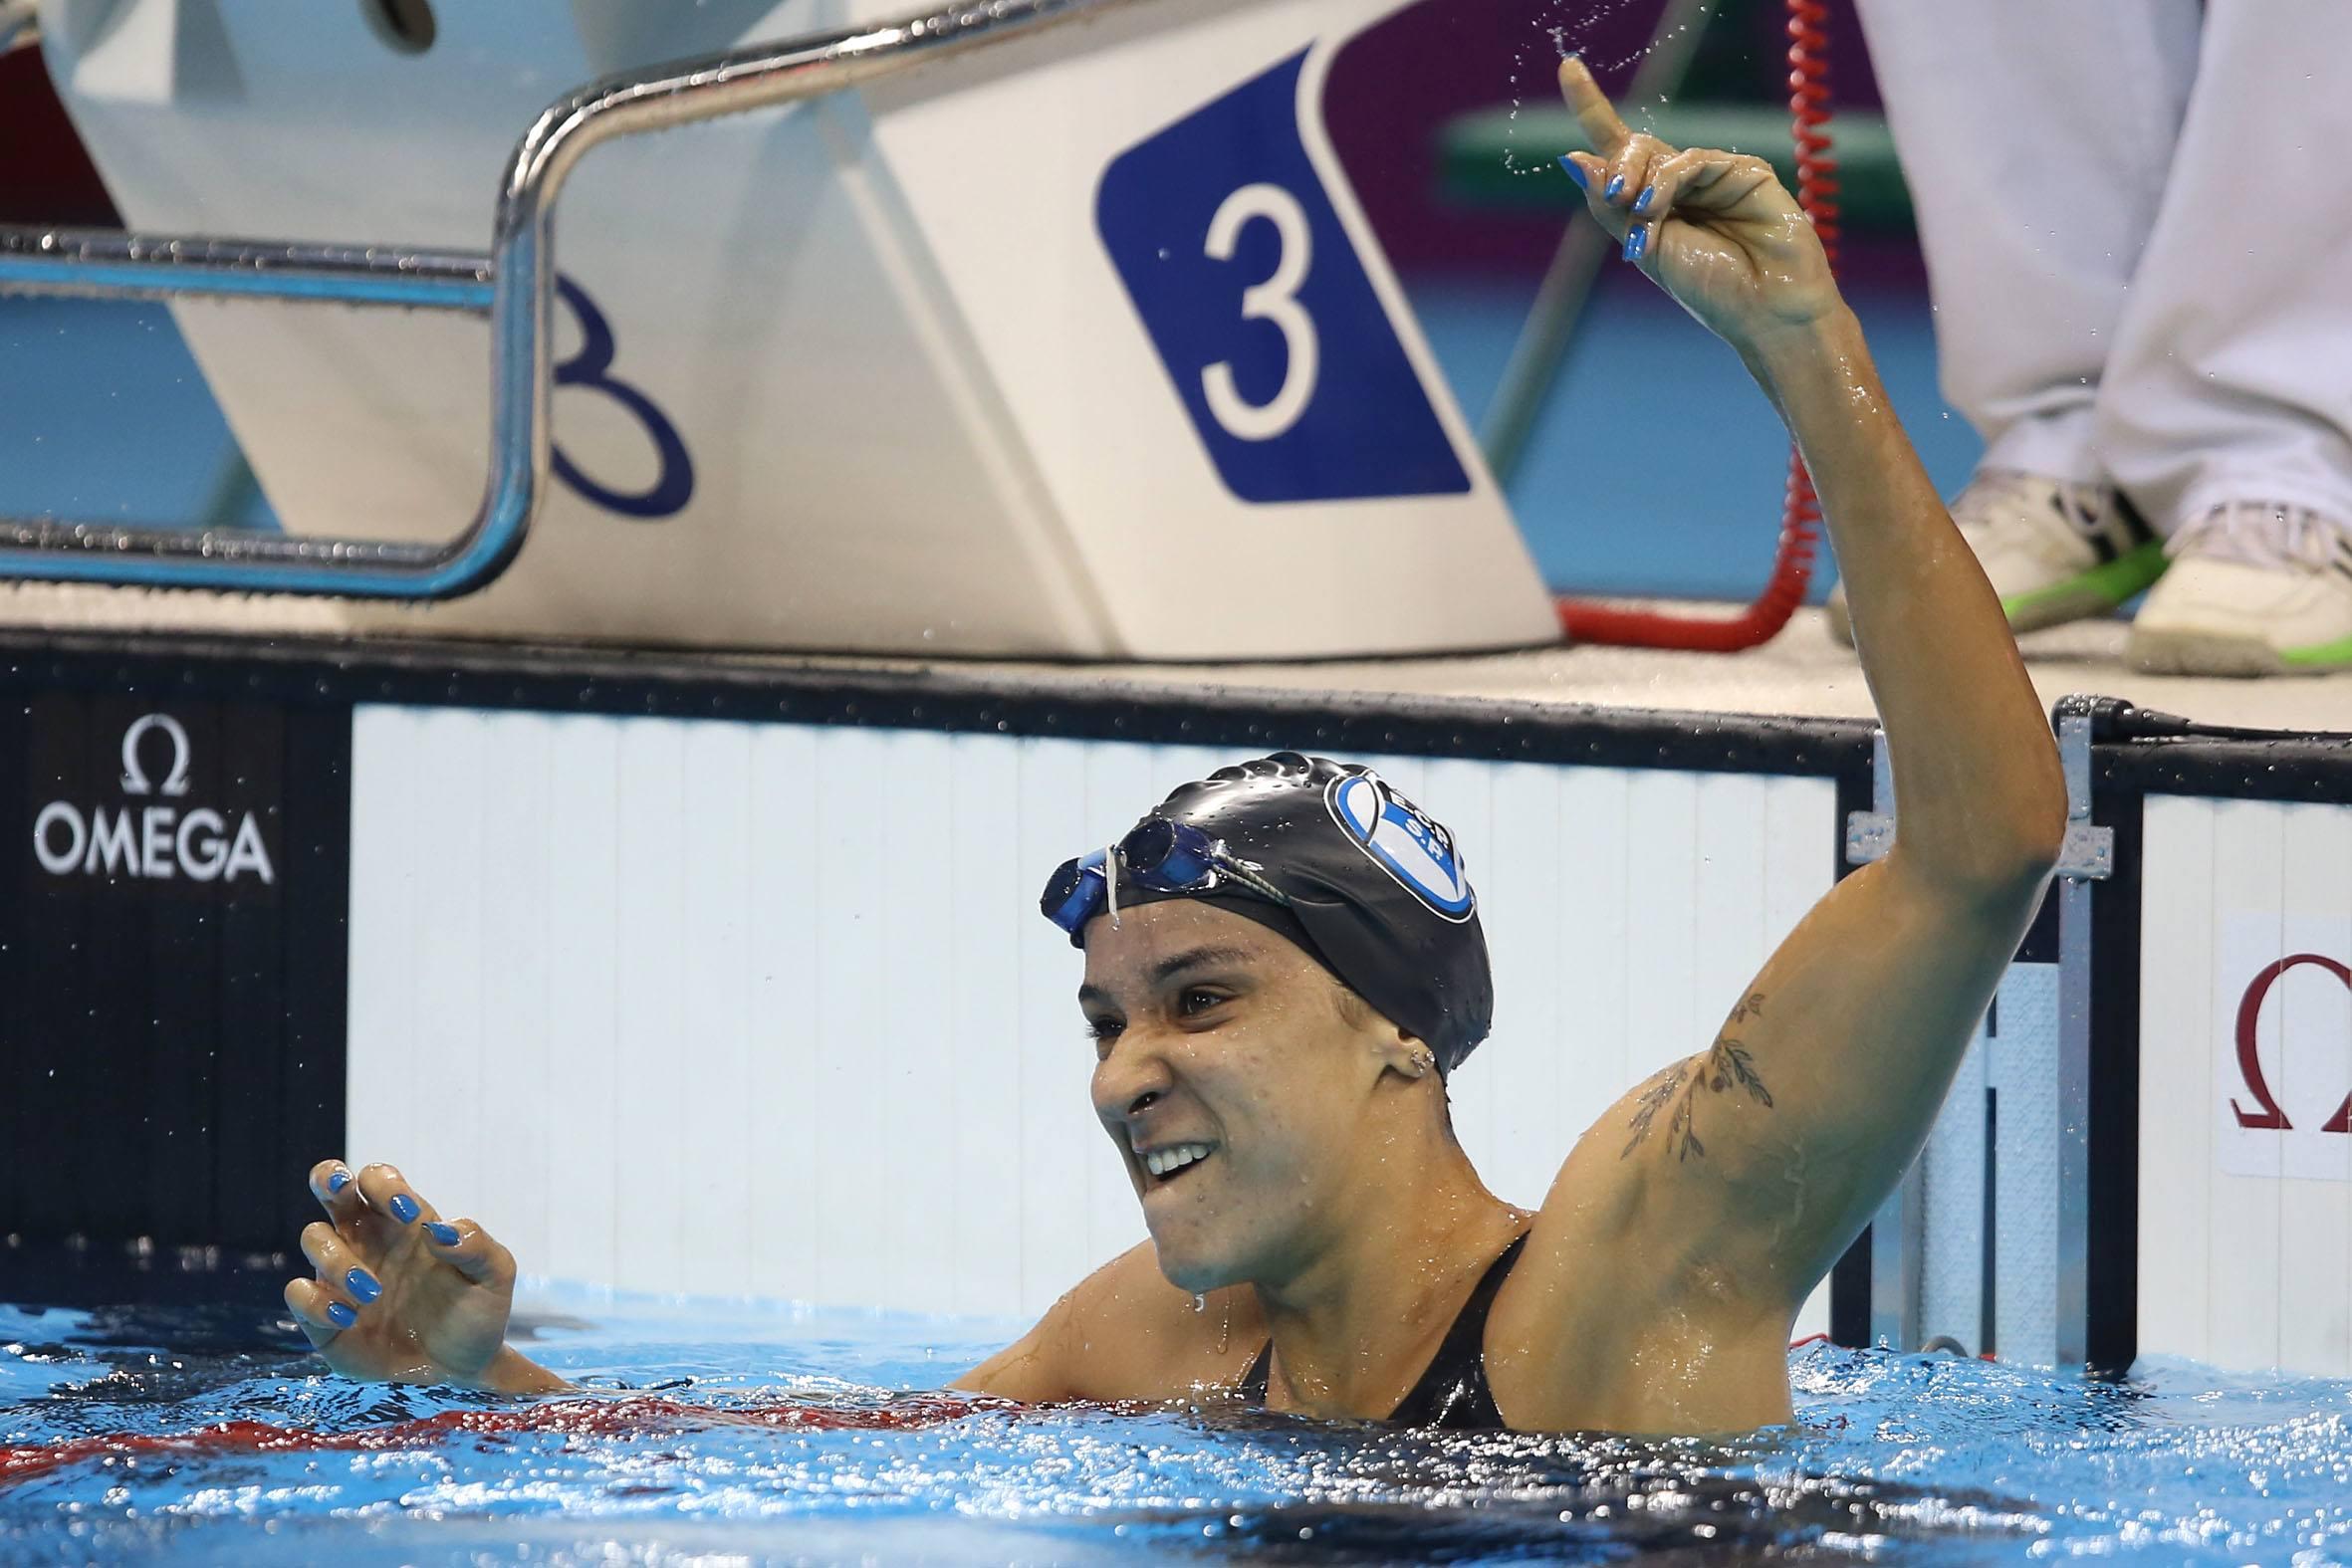 Joanna Maranhao. Trofeu Maria Lenk de Natacao, realizado no Centro Aquatico Olimpico. 15 de abril de 2016, Rio de Janeiro, RJ, Brasil. Foto: Satiro Sodré/ SSPress